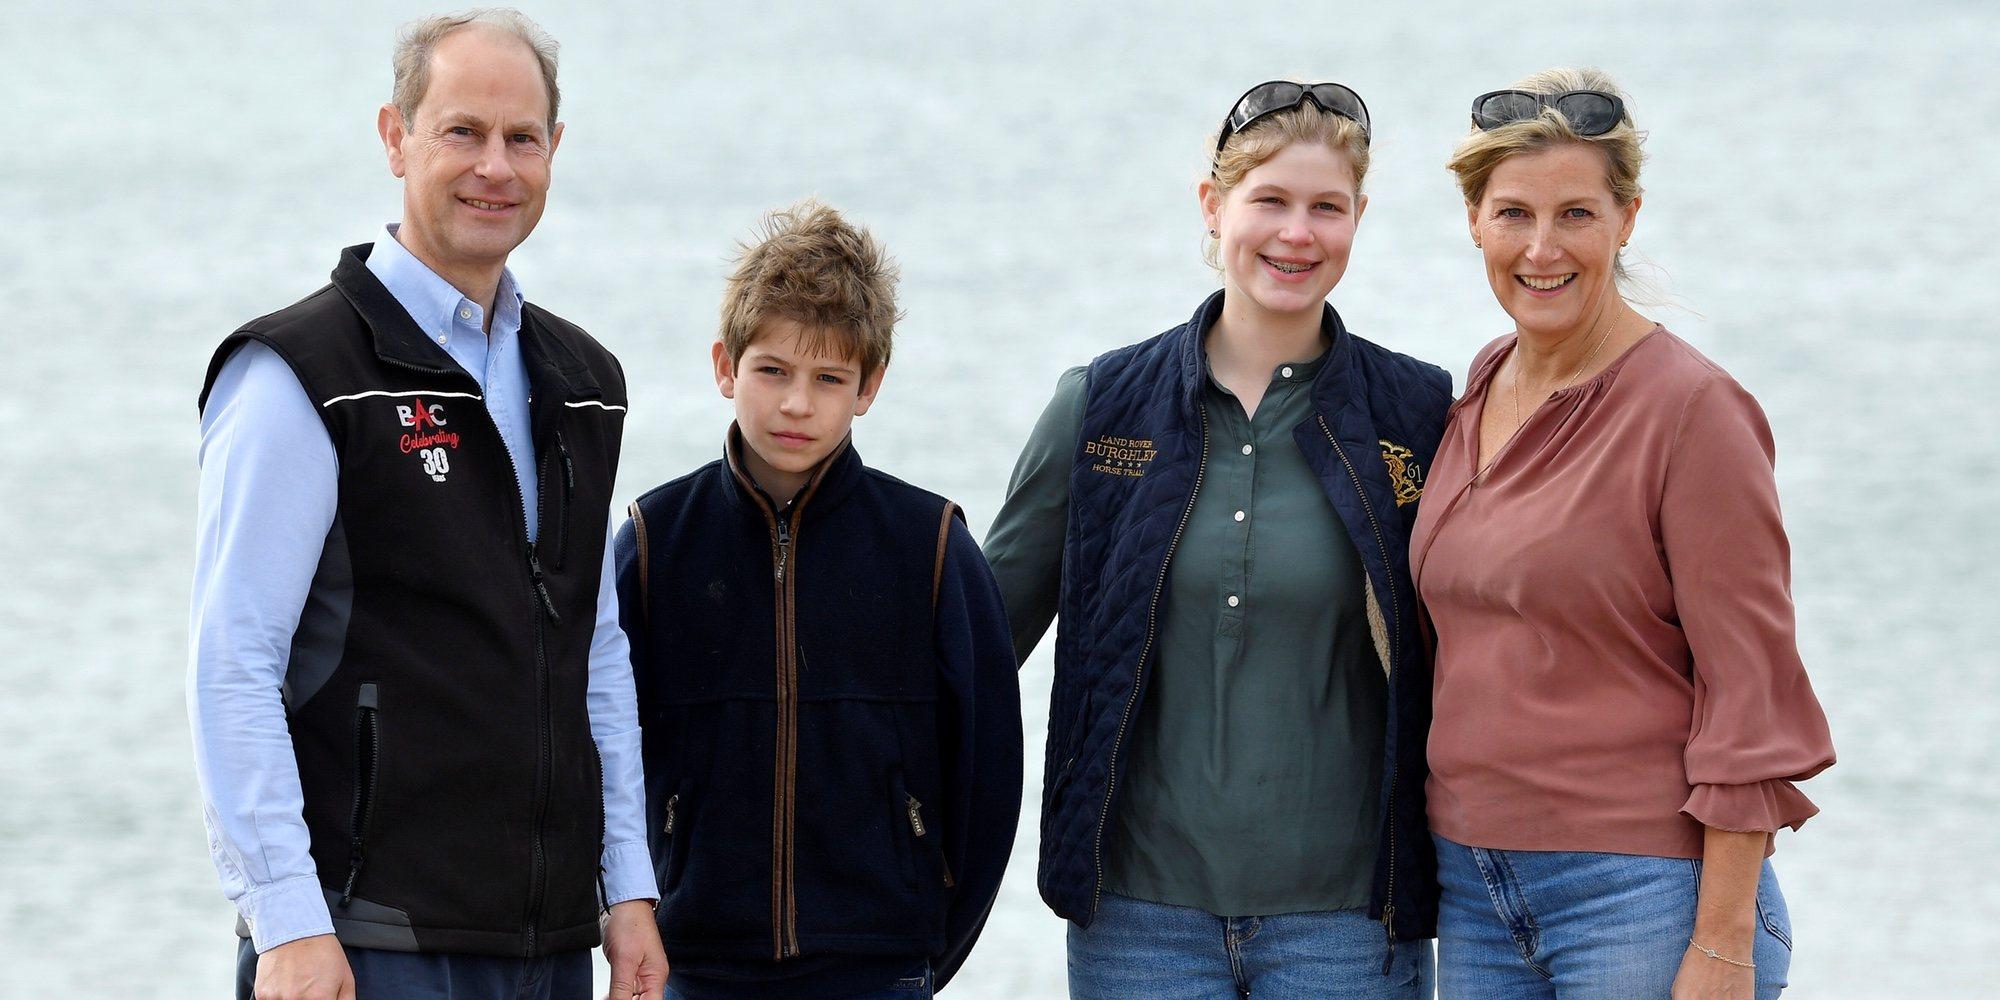 El gesto que une a los Condes de Wessex y sus hijos y a Alberto de Mónaco y sus mellizos con la Reina Sofía